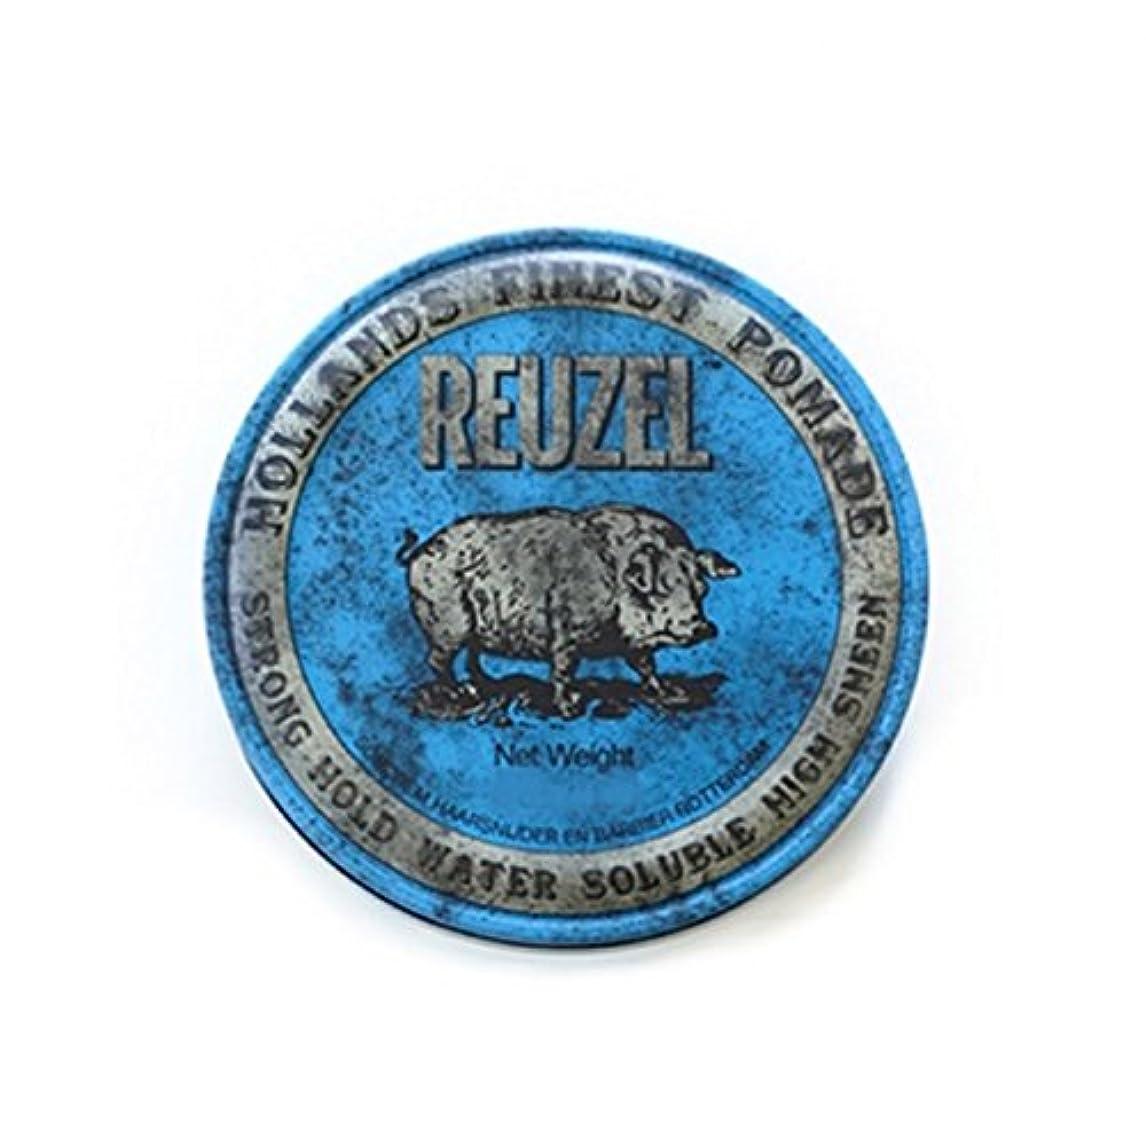 会う支援する上院議員REUZEL ルーゾーストロングホールドポマード  12oz.-340g 【青】340g <水溶性: ストロングホールド>